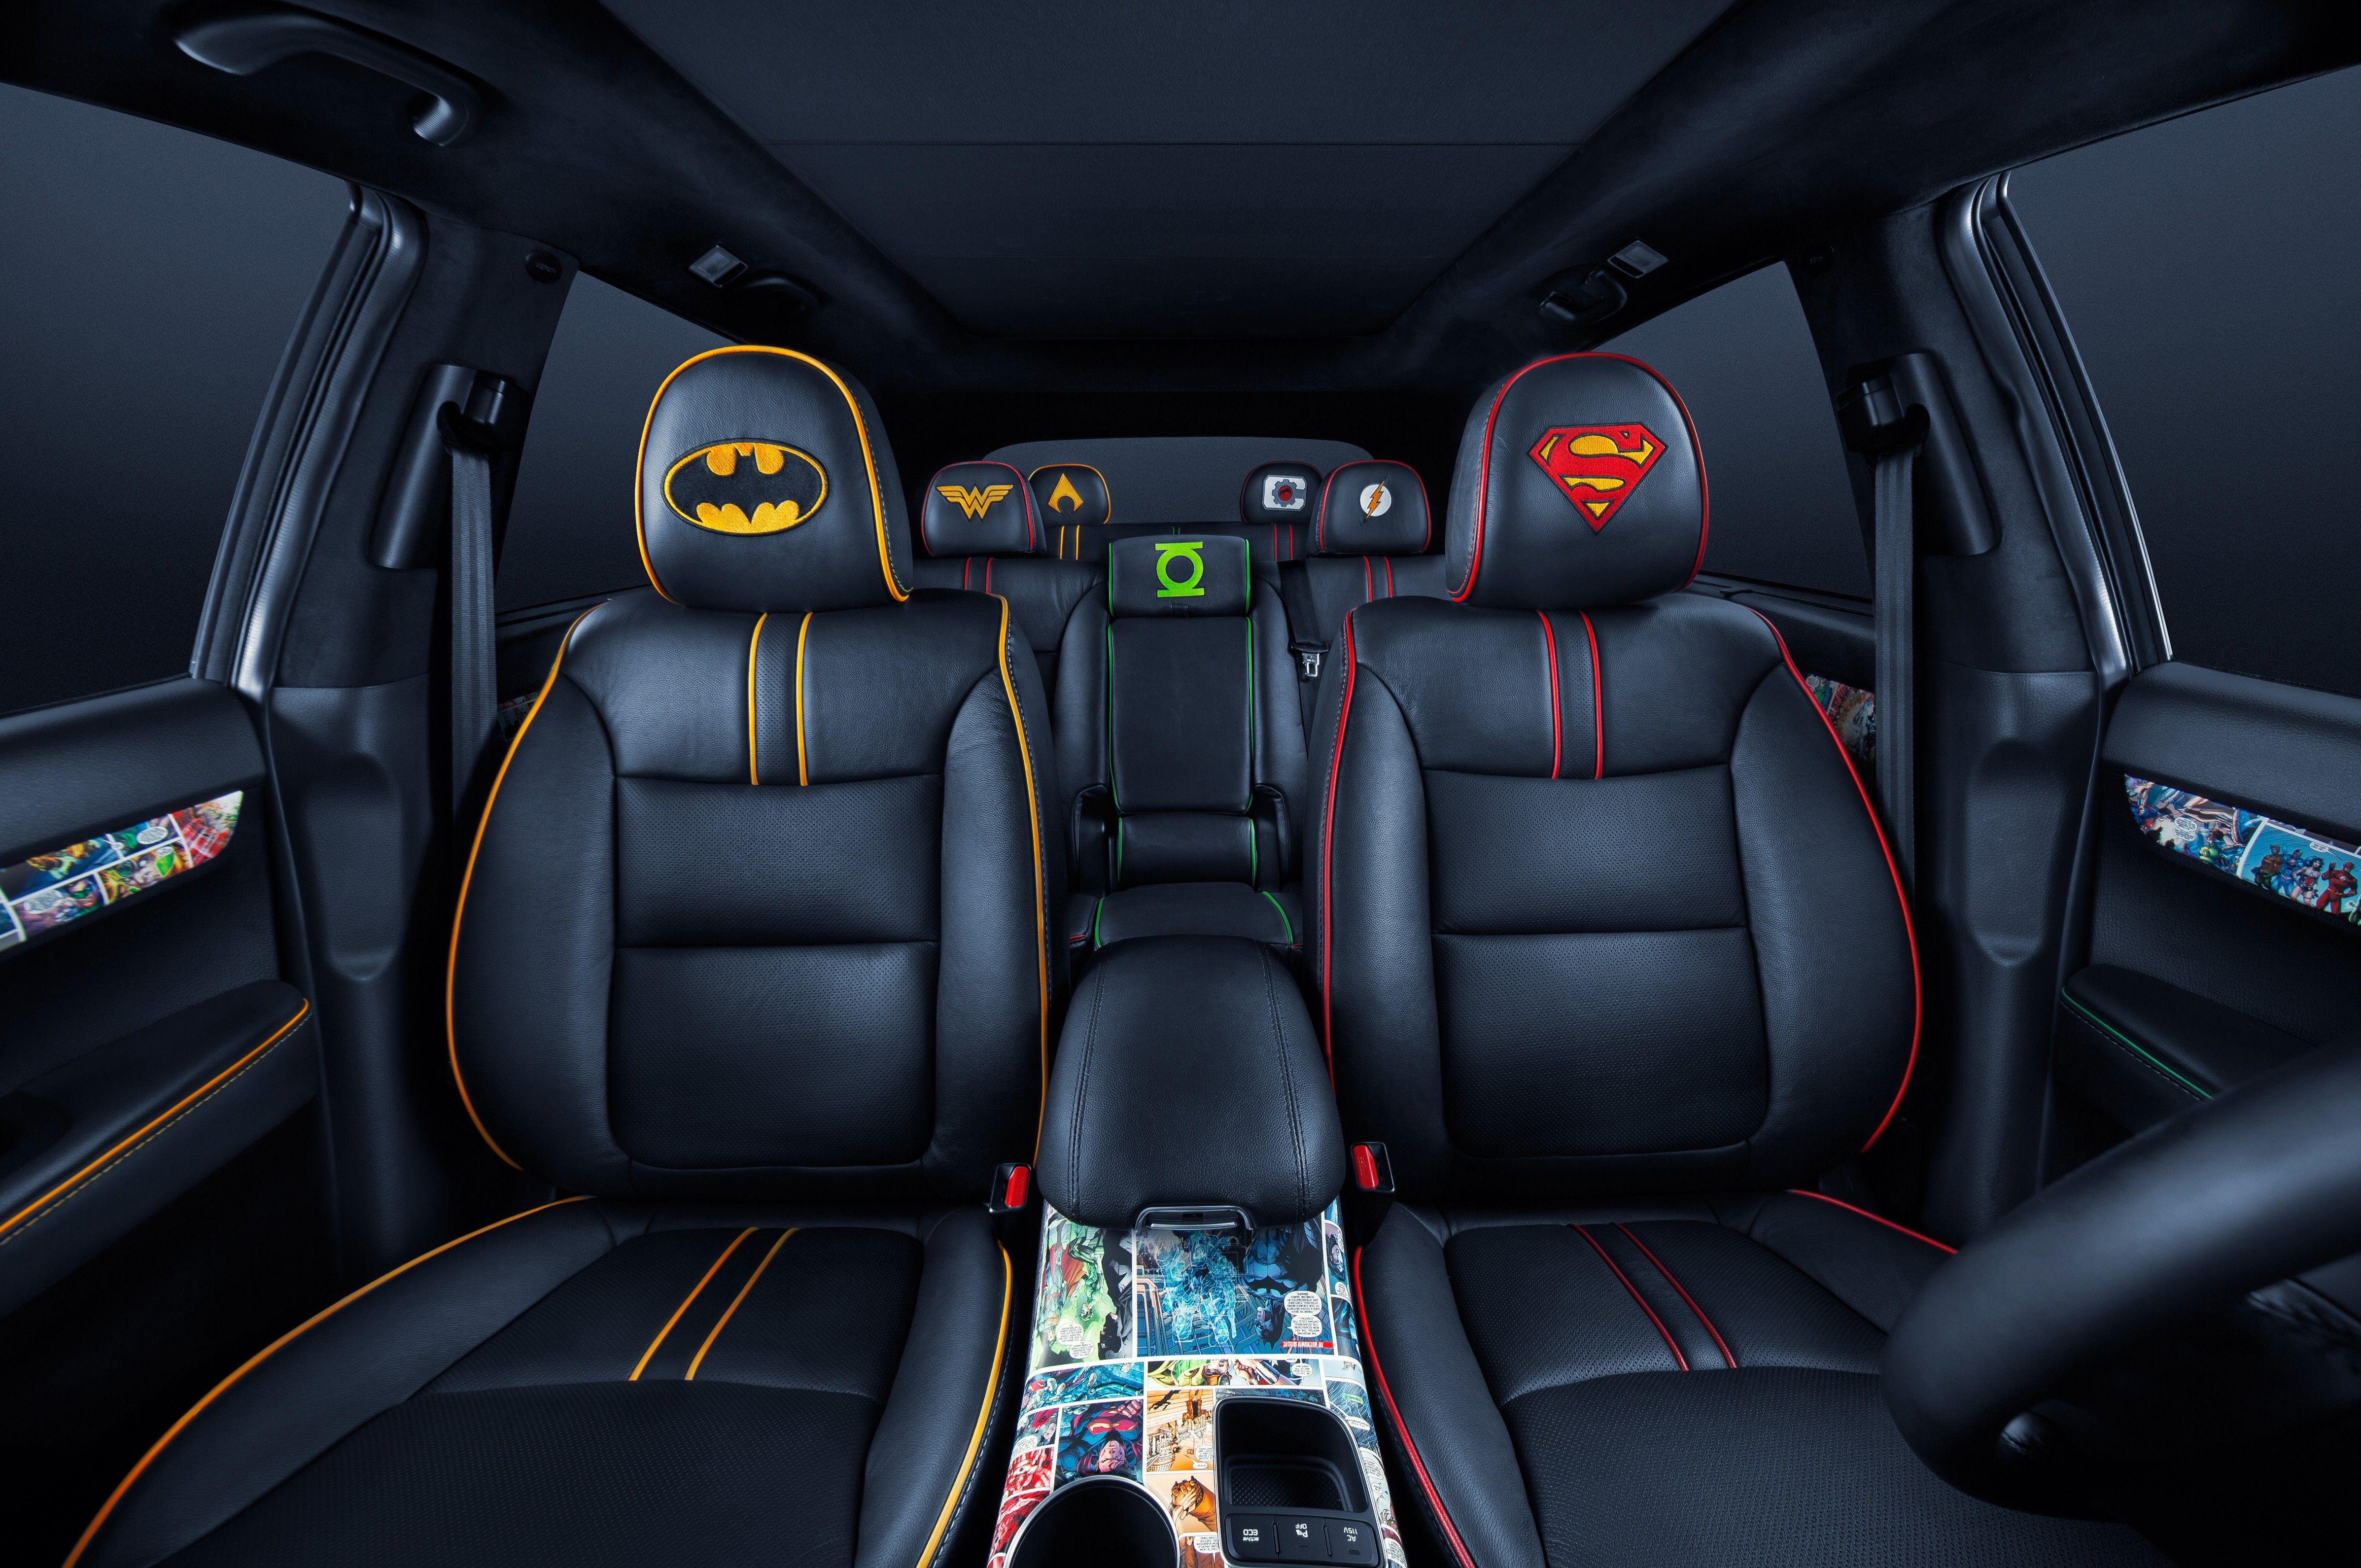 Car interior entertainment - Kia Sorento 2014 Interior Kia Sorento Interior 2014 2014